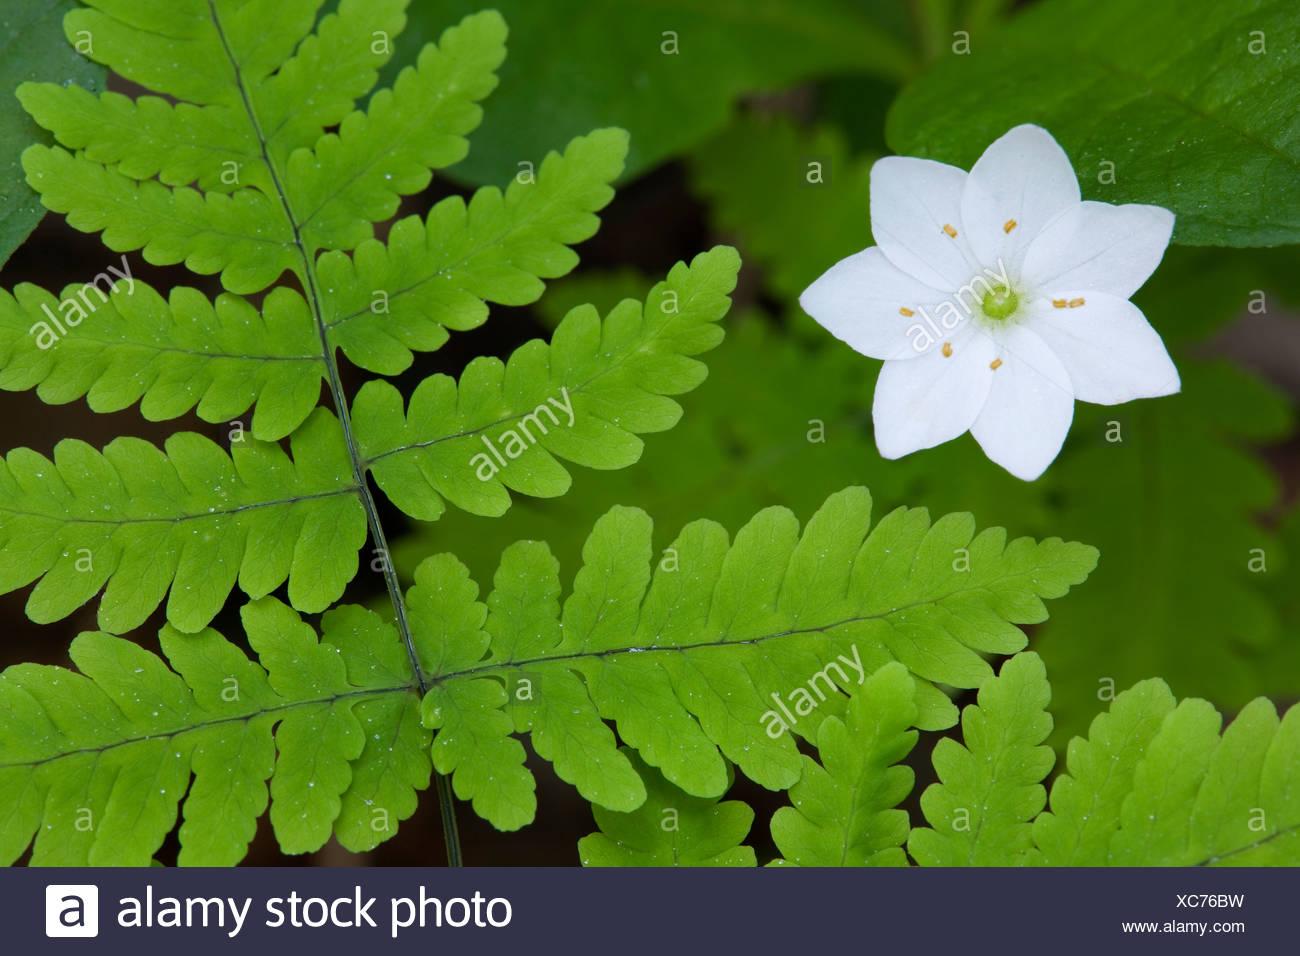 Alaska Wasilla, photographie de Macro Fleur Star (Trientalis europaea ssp arctica) et fern sur sol de la forêt. Photo Stock